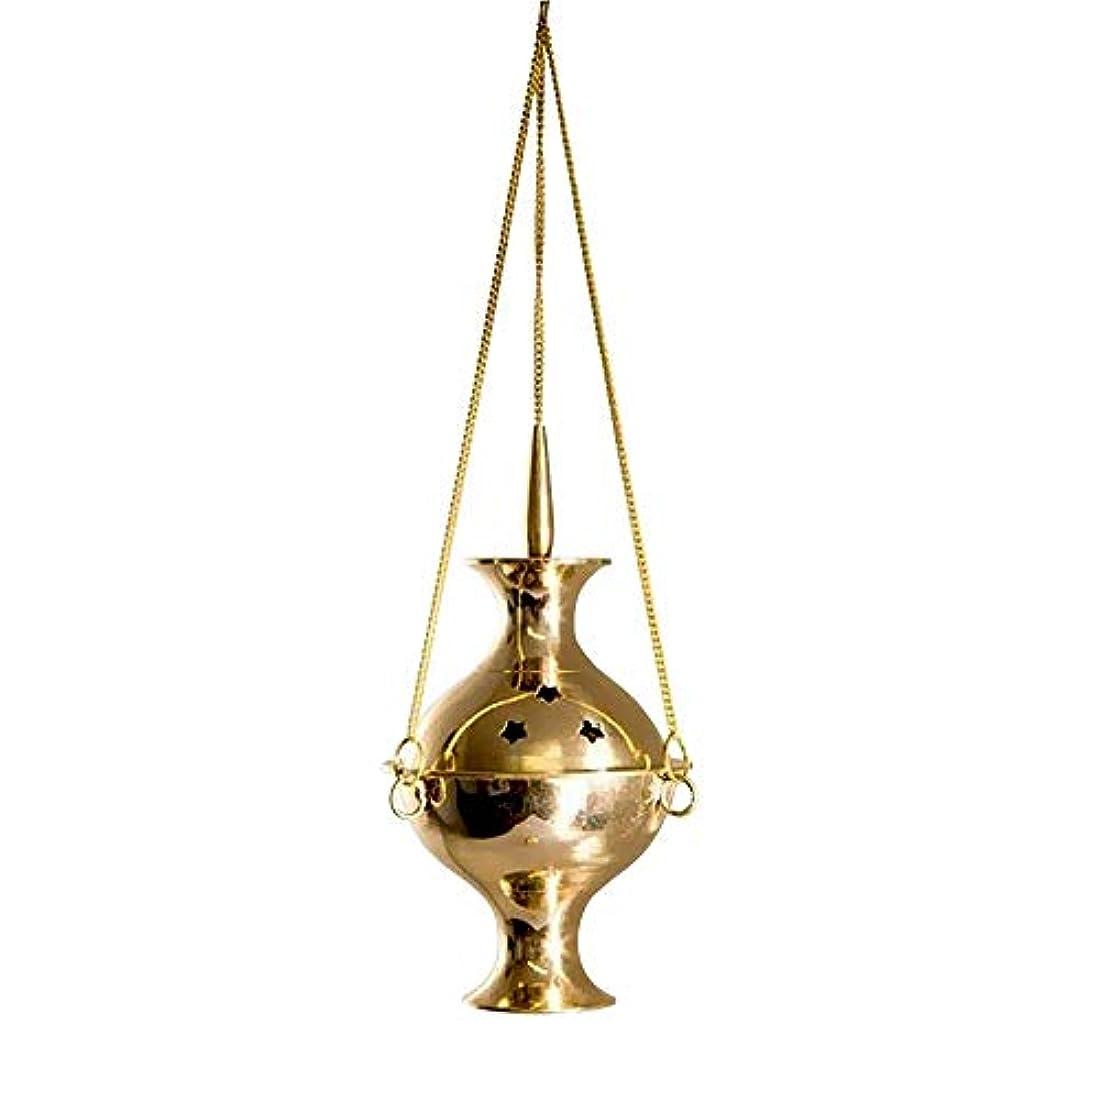 彼自身振り返る神聖カトリック香炉 吊り下げ式香炉 チャコール 6インチ 真鍮 吊り下げ 香炉 炭 香炉 バーナー 真鍮製 輝く仕上げで適切な燃焼に役立ちます。